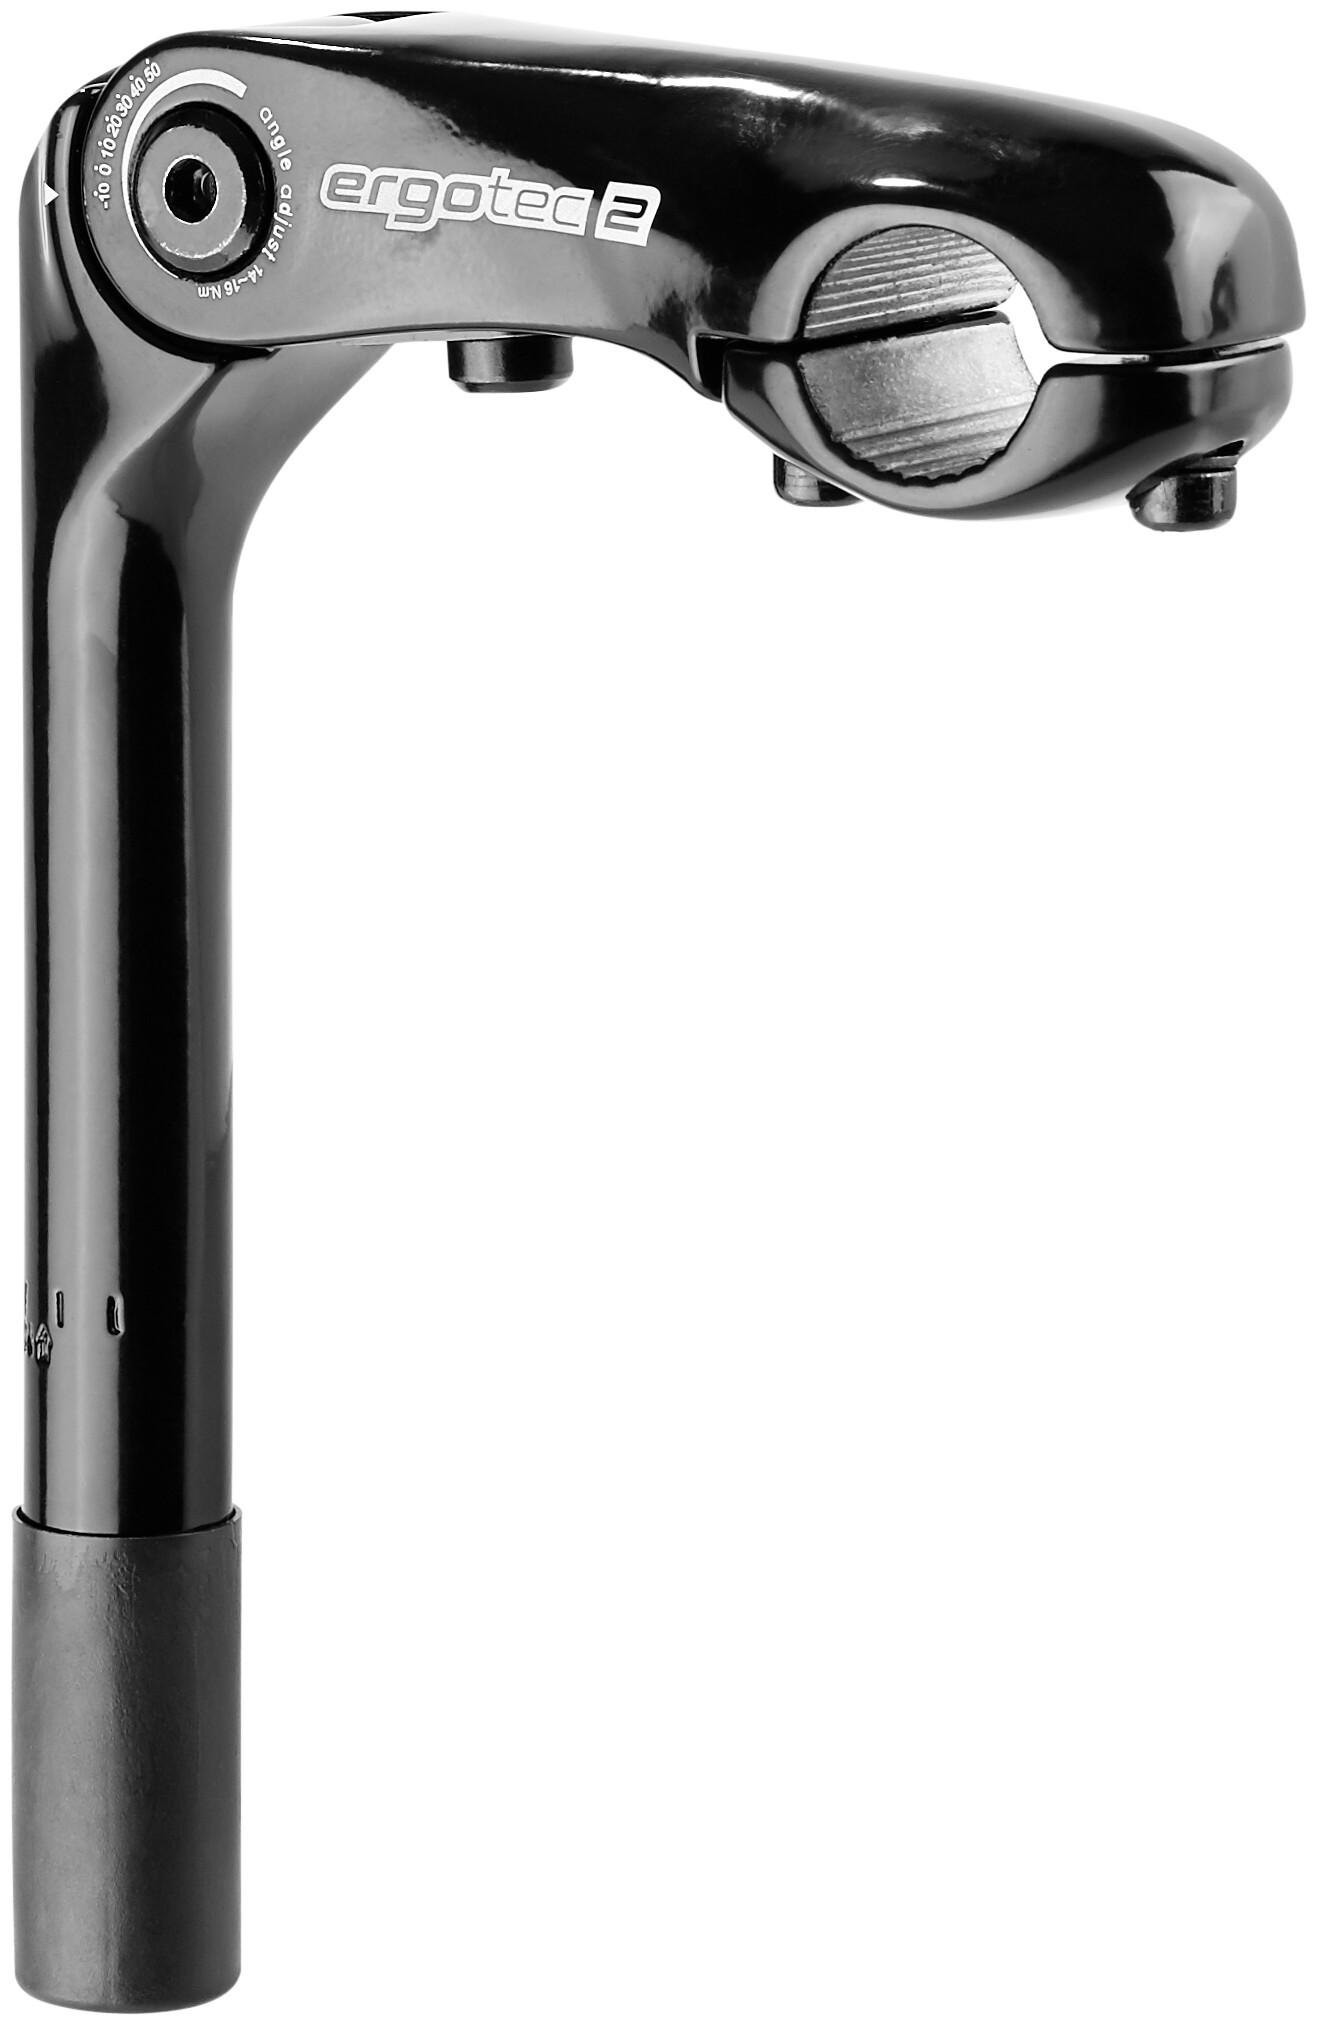 Humpert Schaftvorbau Kobra Vario Ø = 25,4//25,4mm L= 180//90mm Aluminium Fahrrad